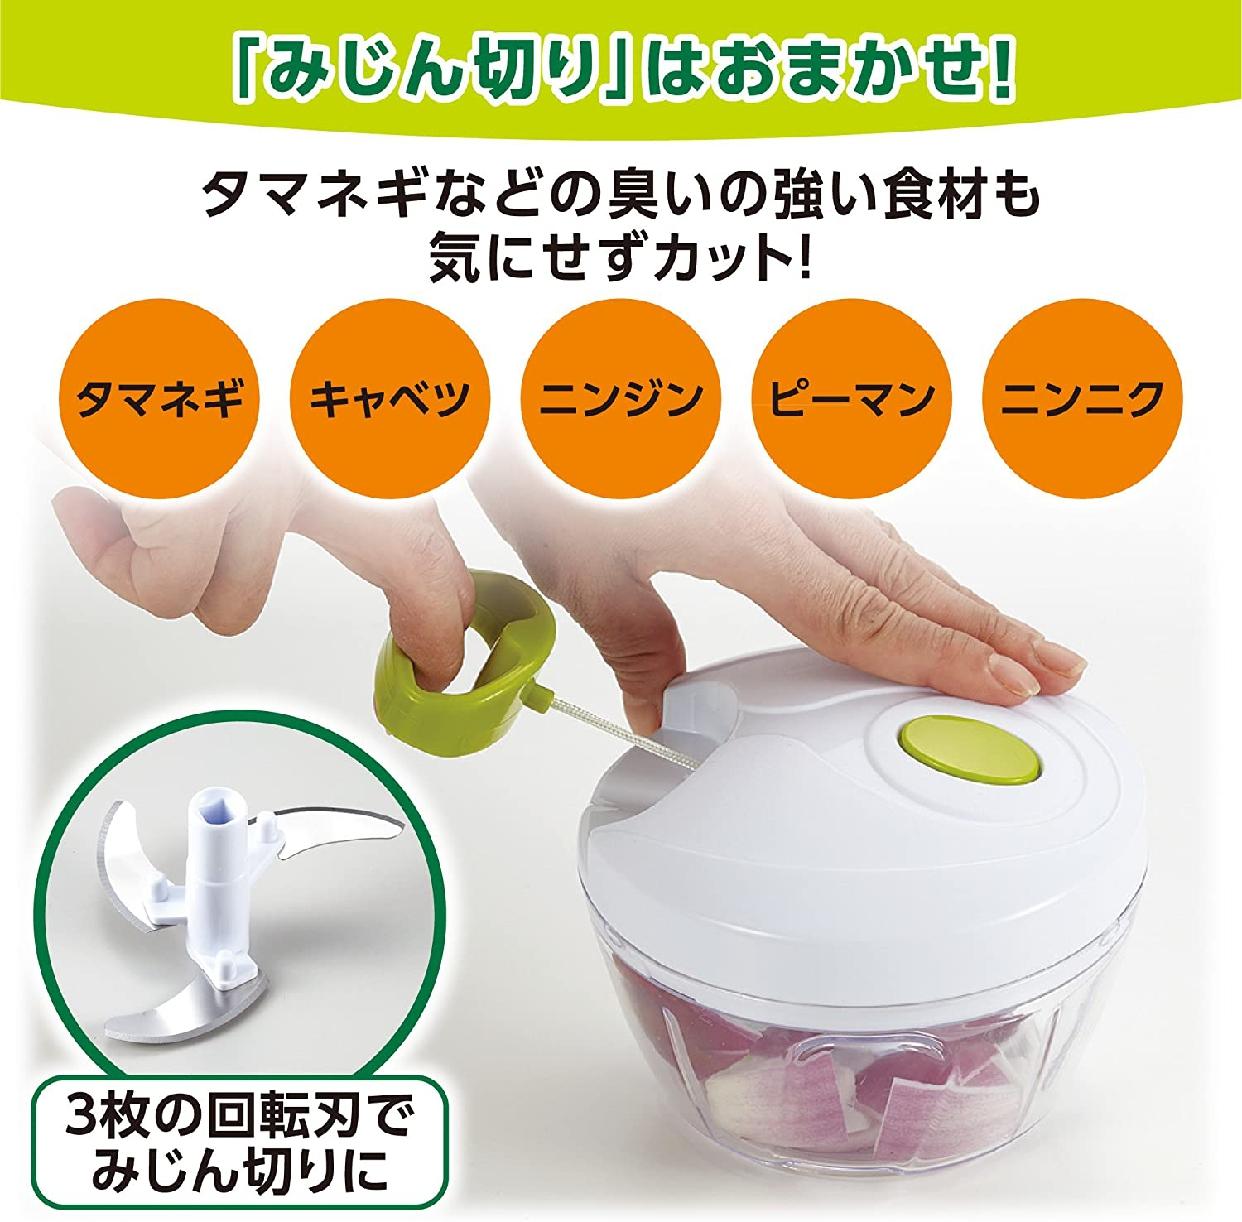 竹原製罐(たけかん)簡単みじん切りチョッパー A-80 ホワイトの商品画像4